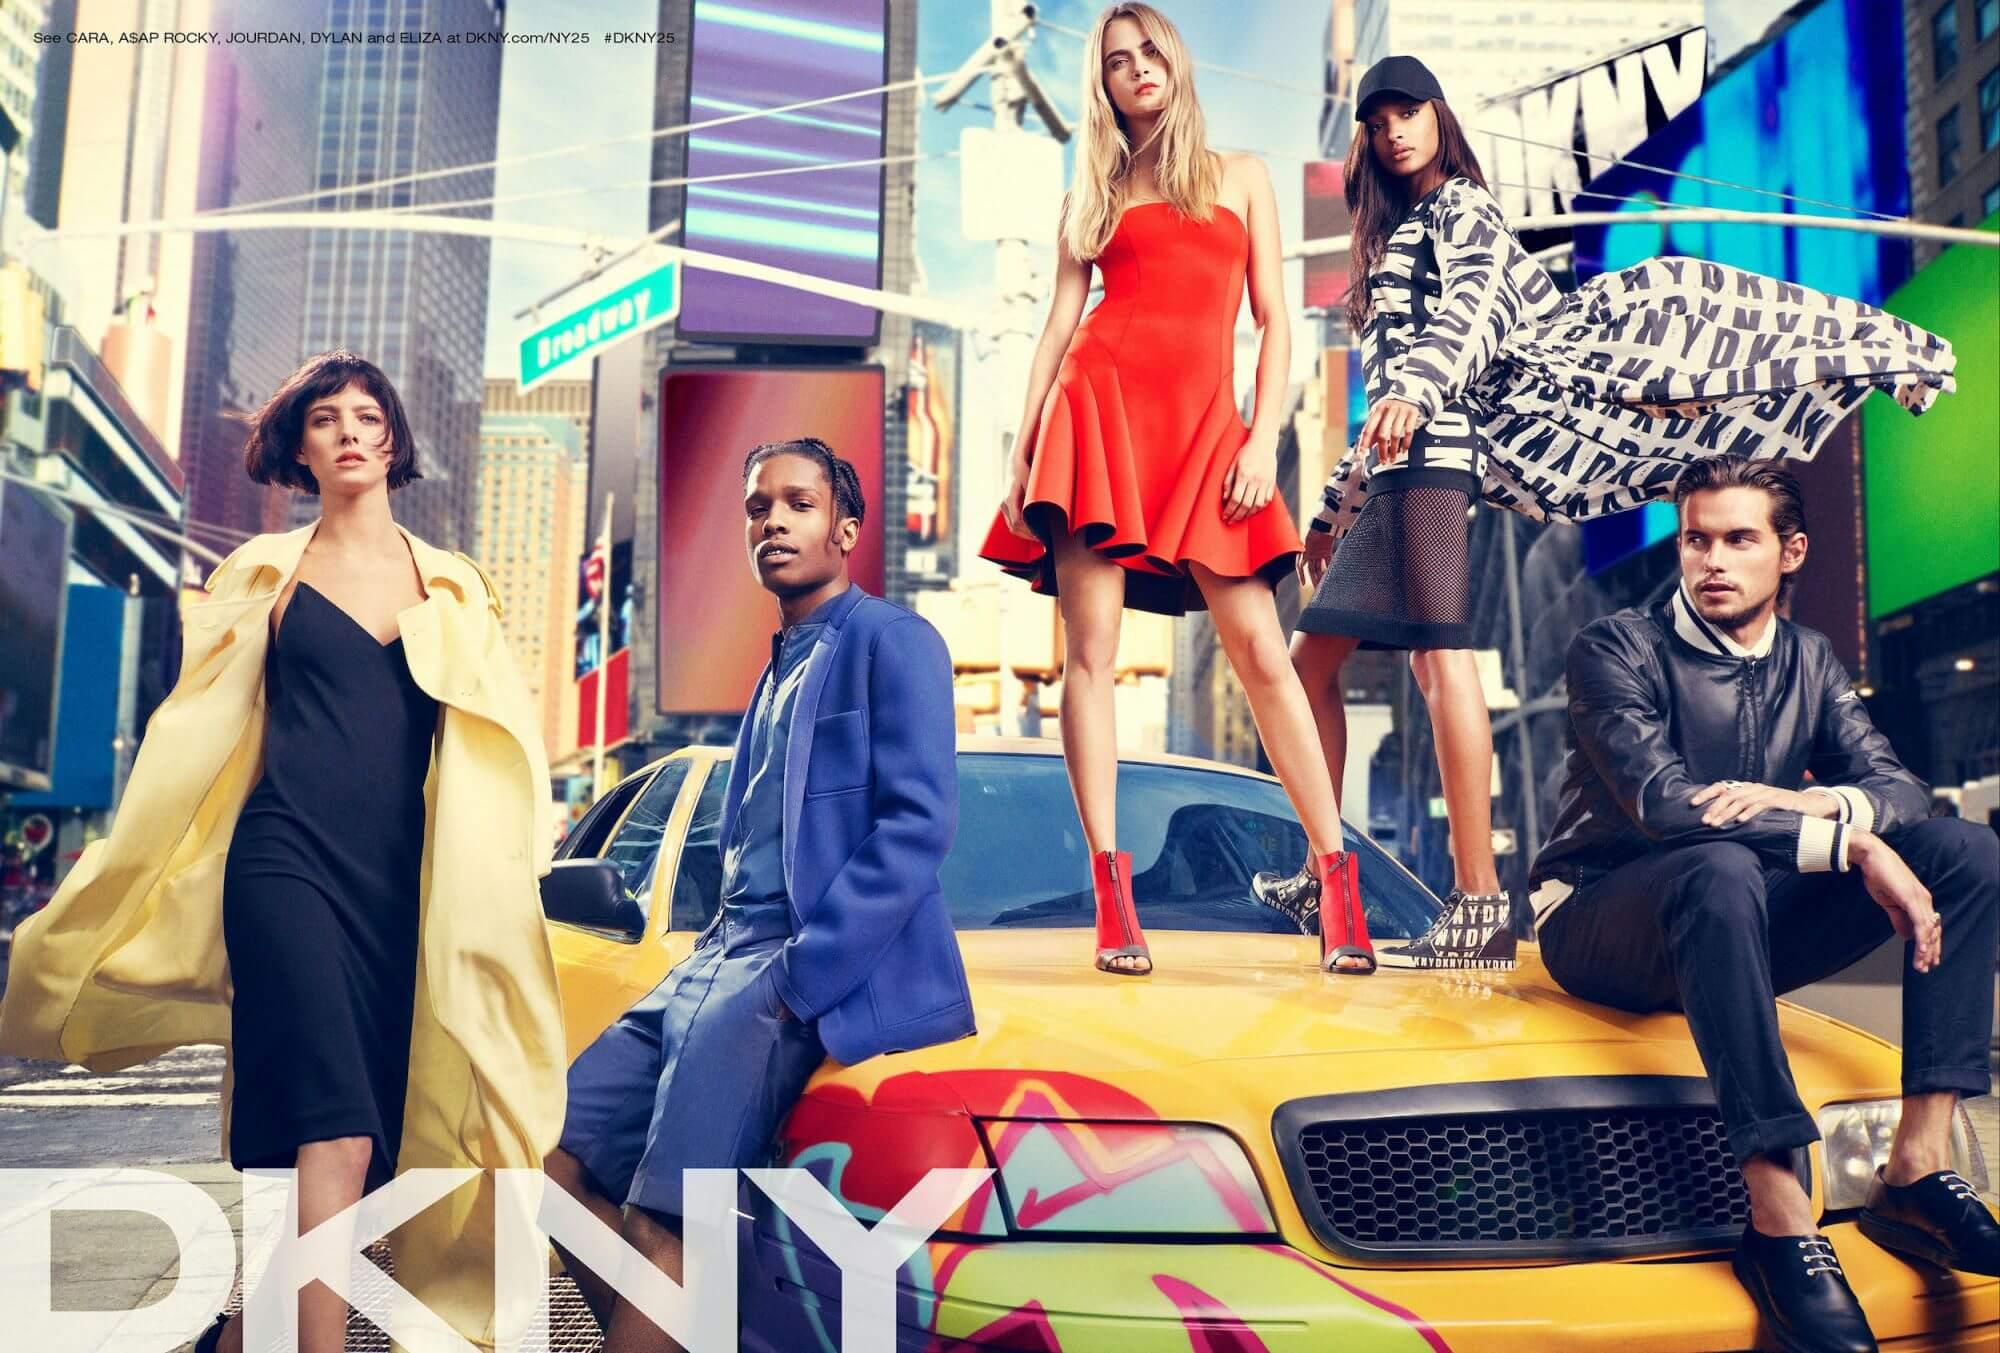 DKNY campaign